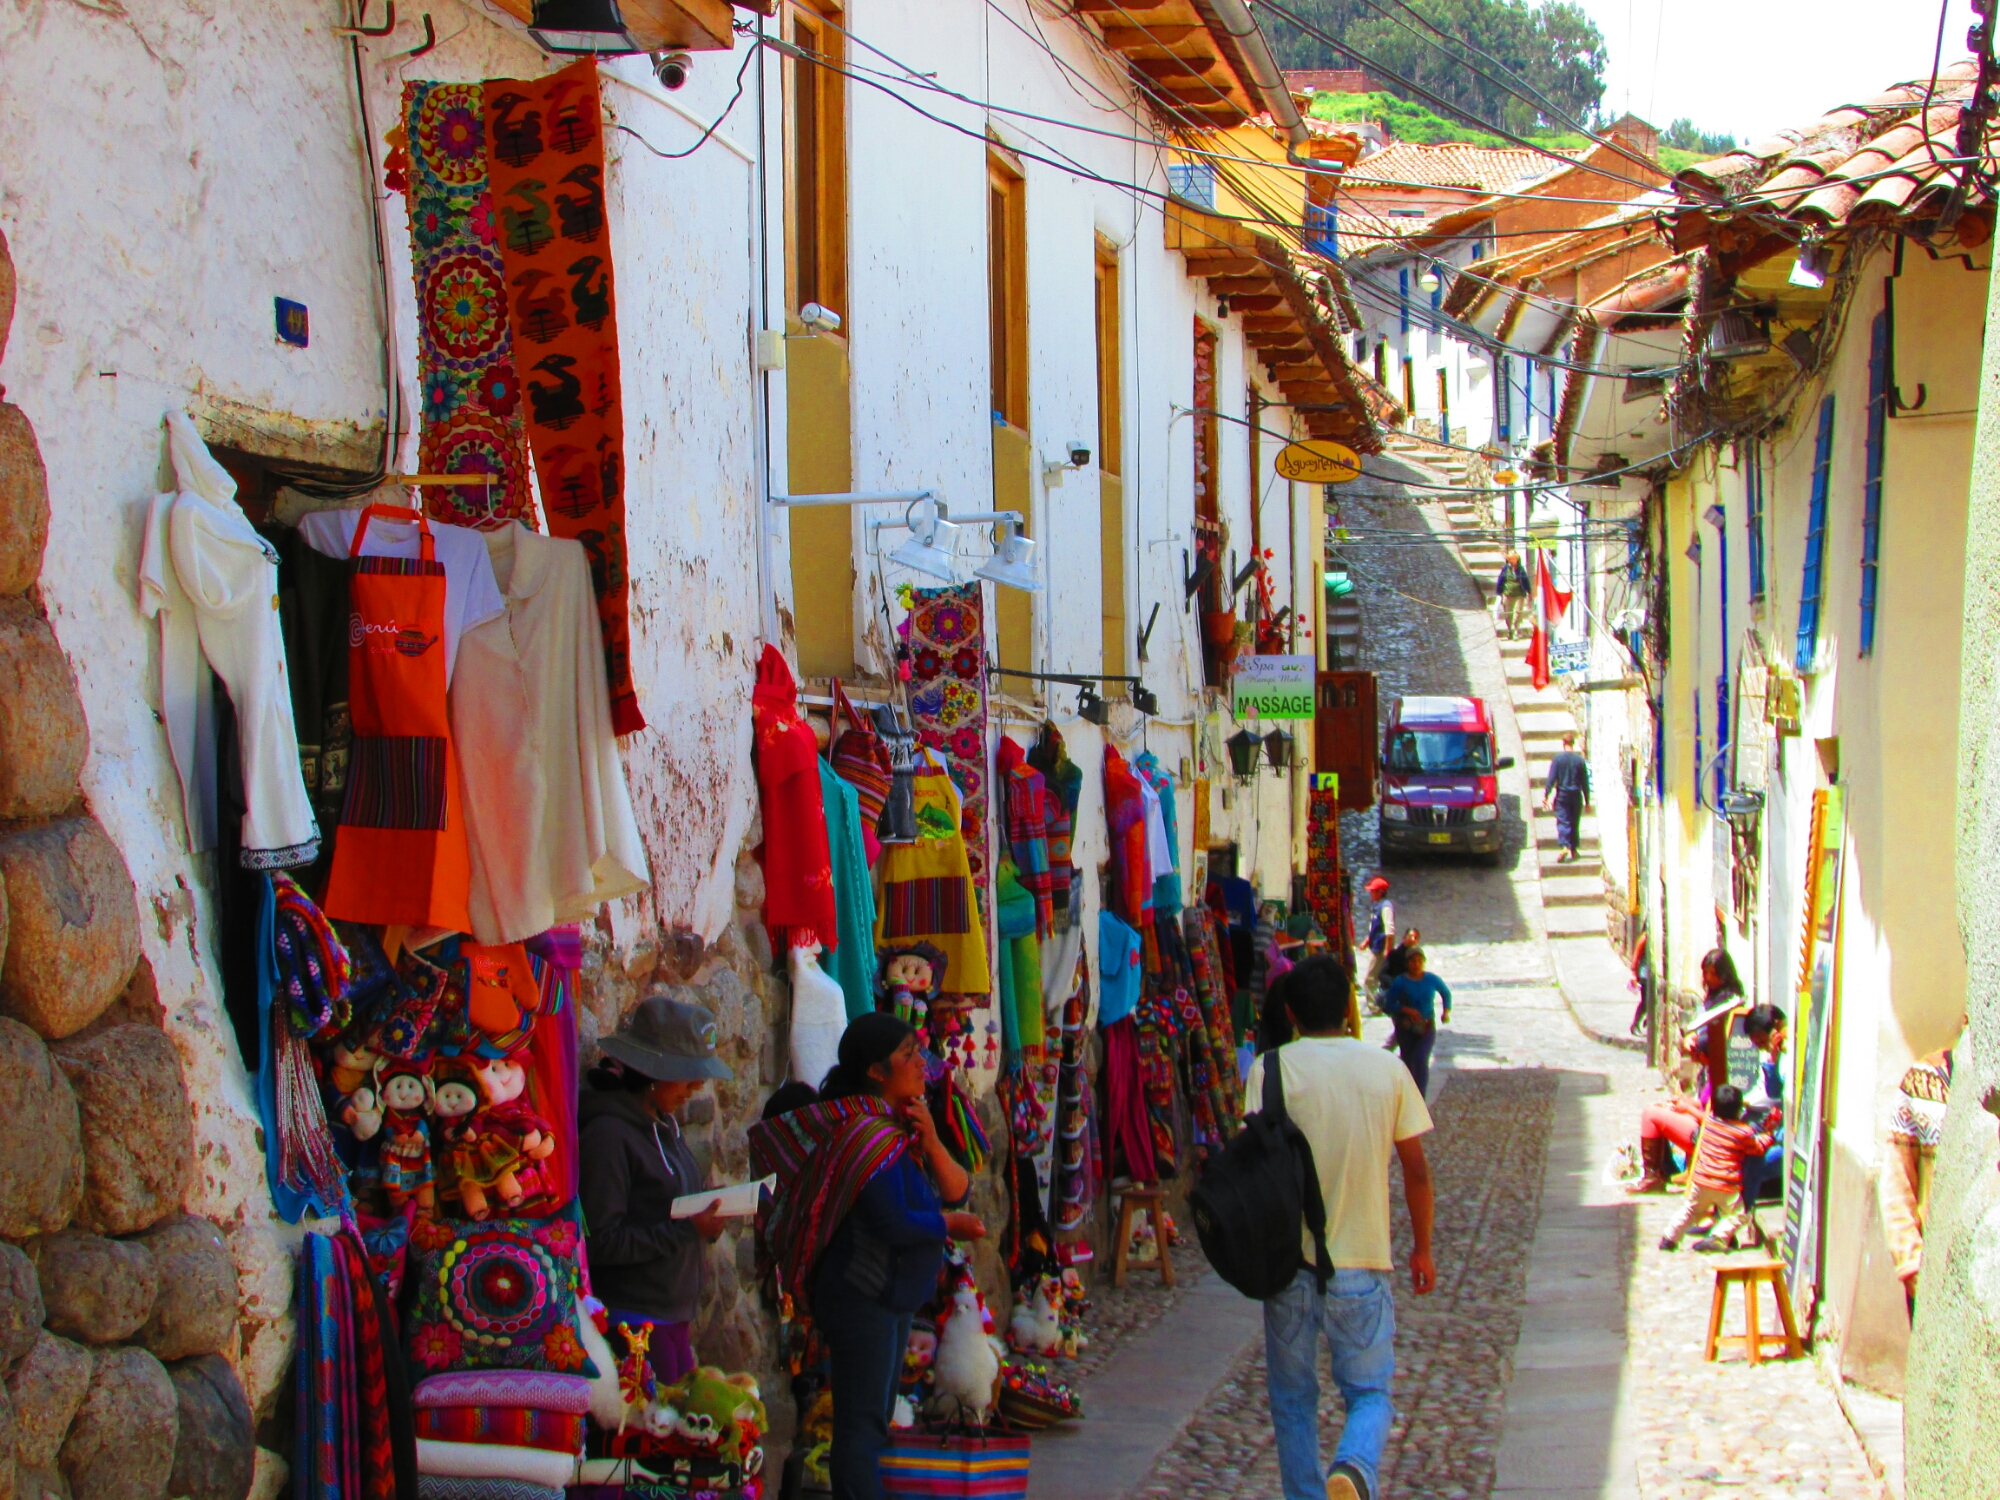 calle con artesanías y recuerdos andinos en el Mercado de San Blas en Cuzco